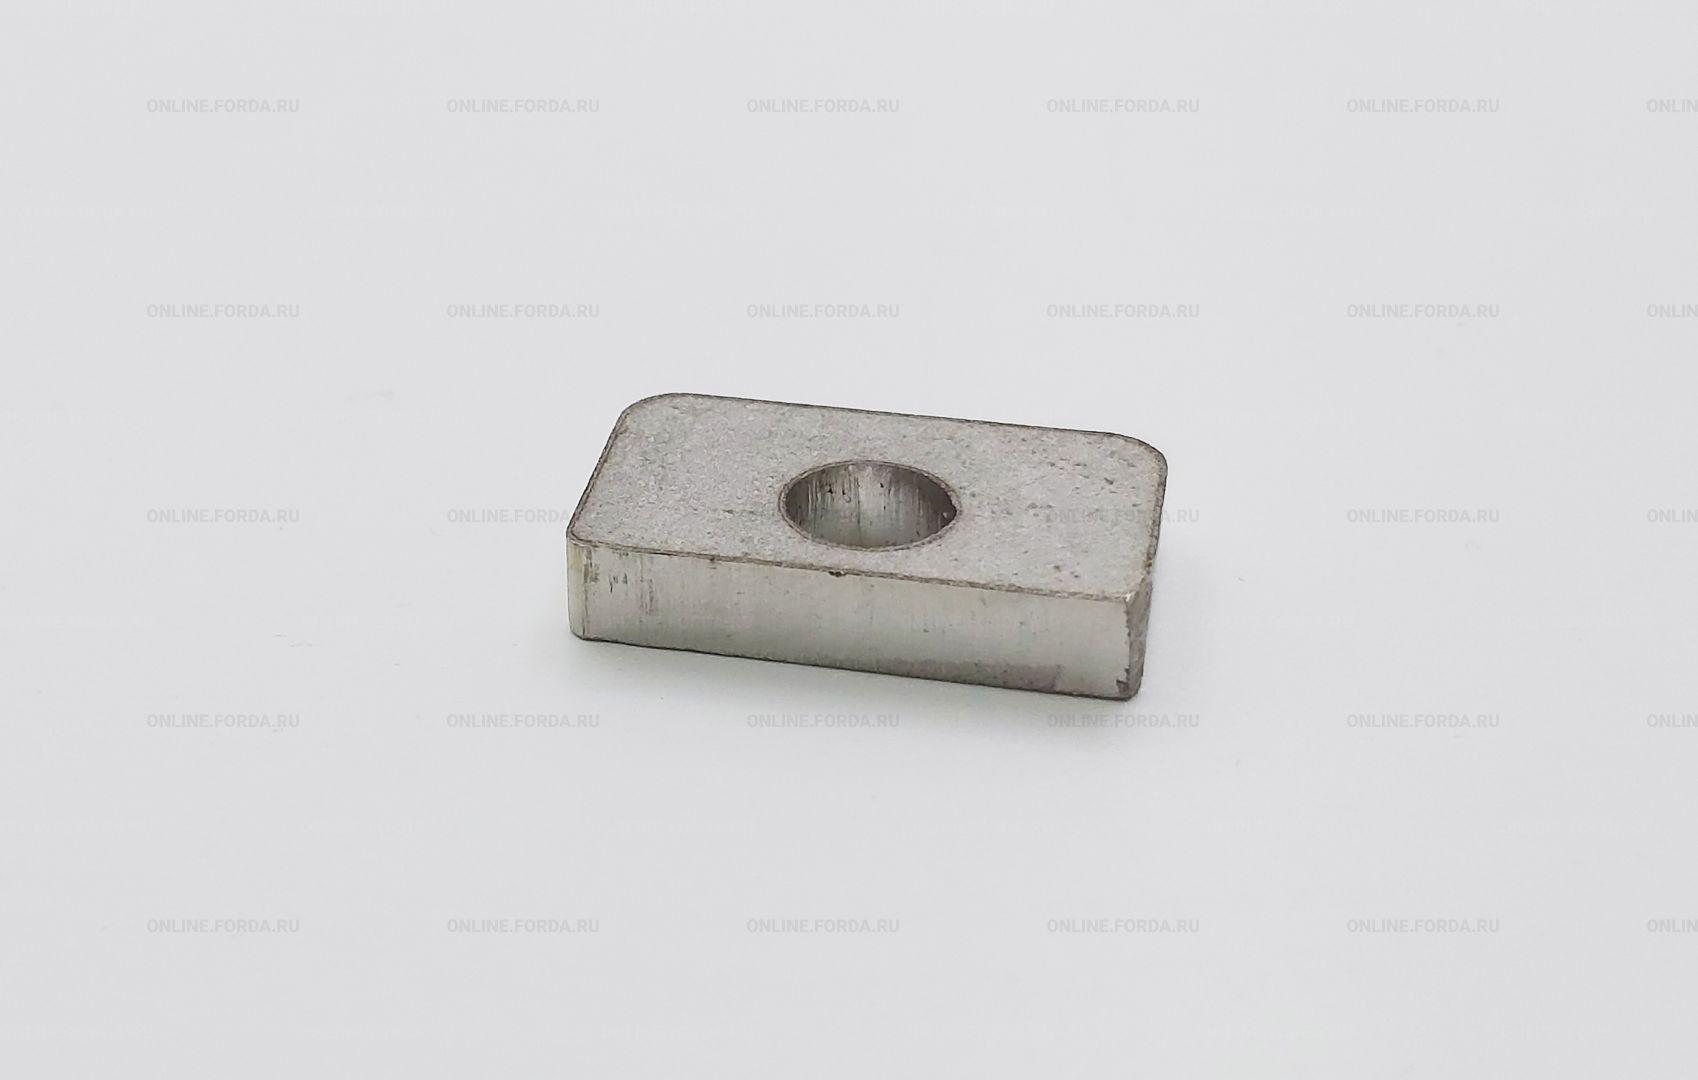 Шайба 12х21 мм для фиксации винта при соединении двух заготовок